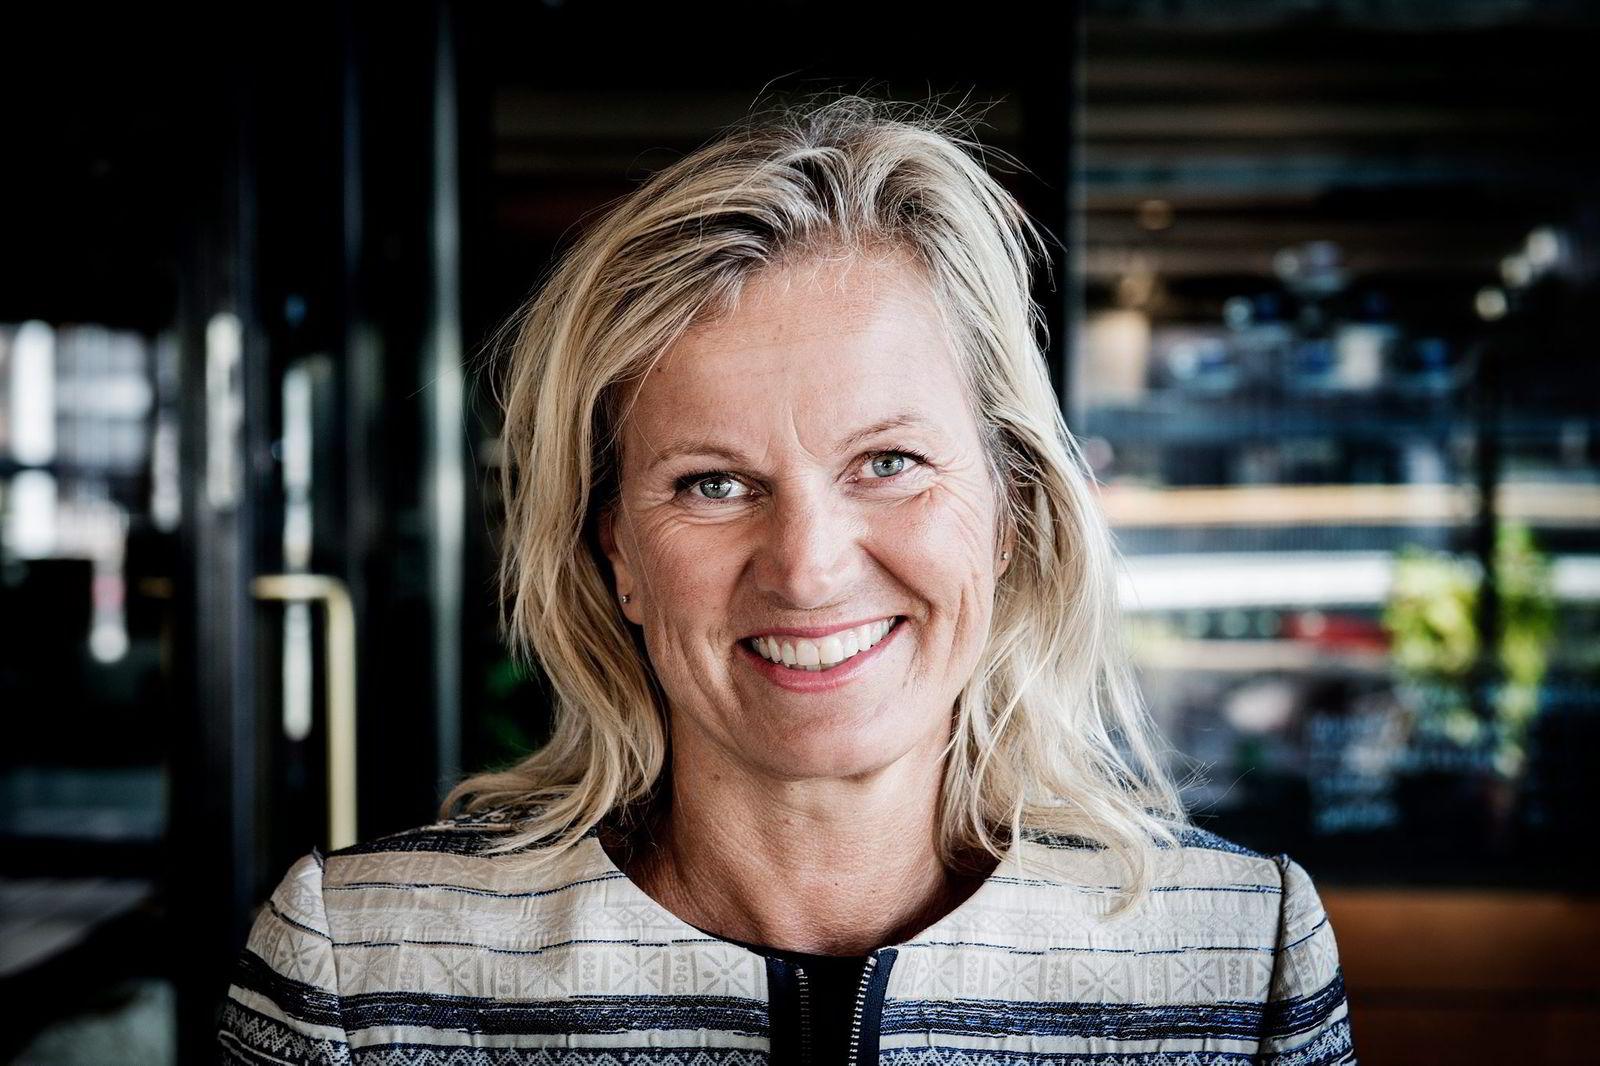 – Vi vil ikke sende 22 tilsyn hjem i hver leilighet, sier Kristin Krohn Devold, direktør i NHO Reiseliv. Foto: Gorm K. Gaare